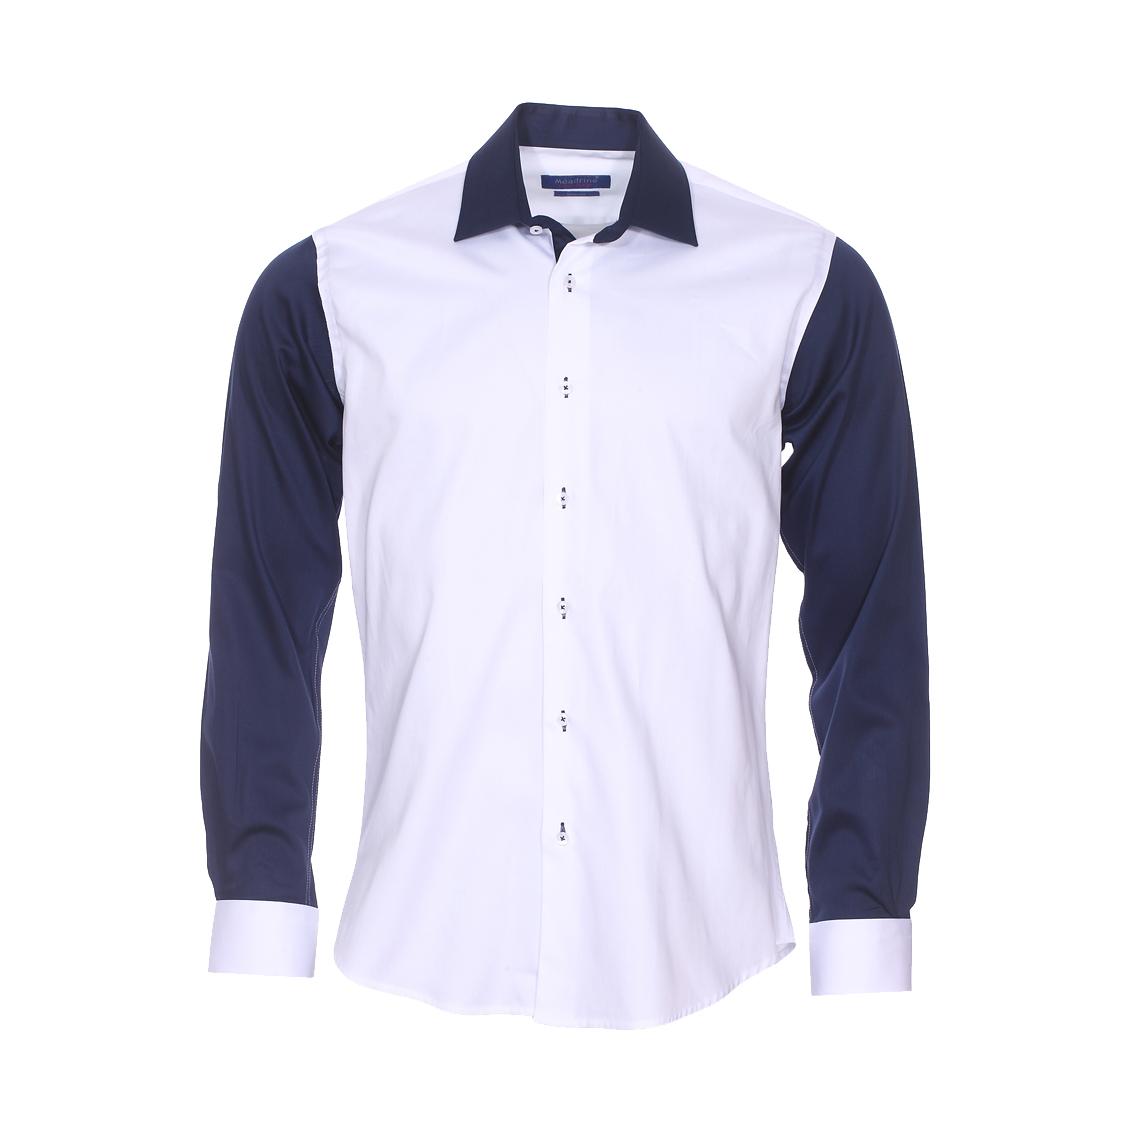 Chemise cintrée  en coton blanc, manches et col bleu marine